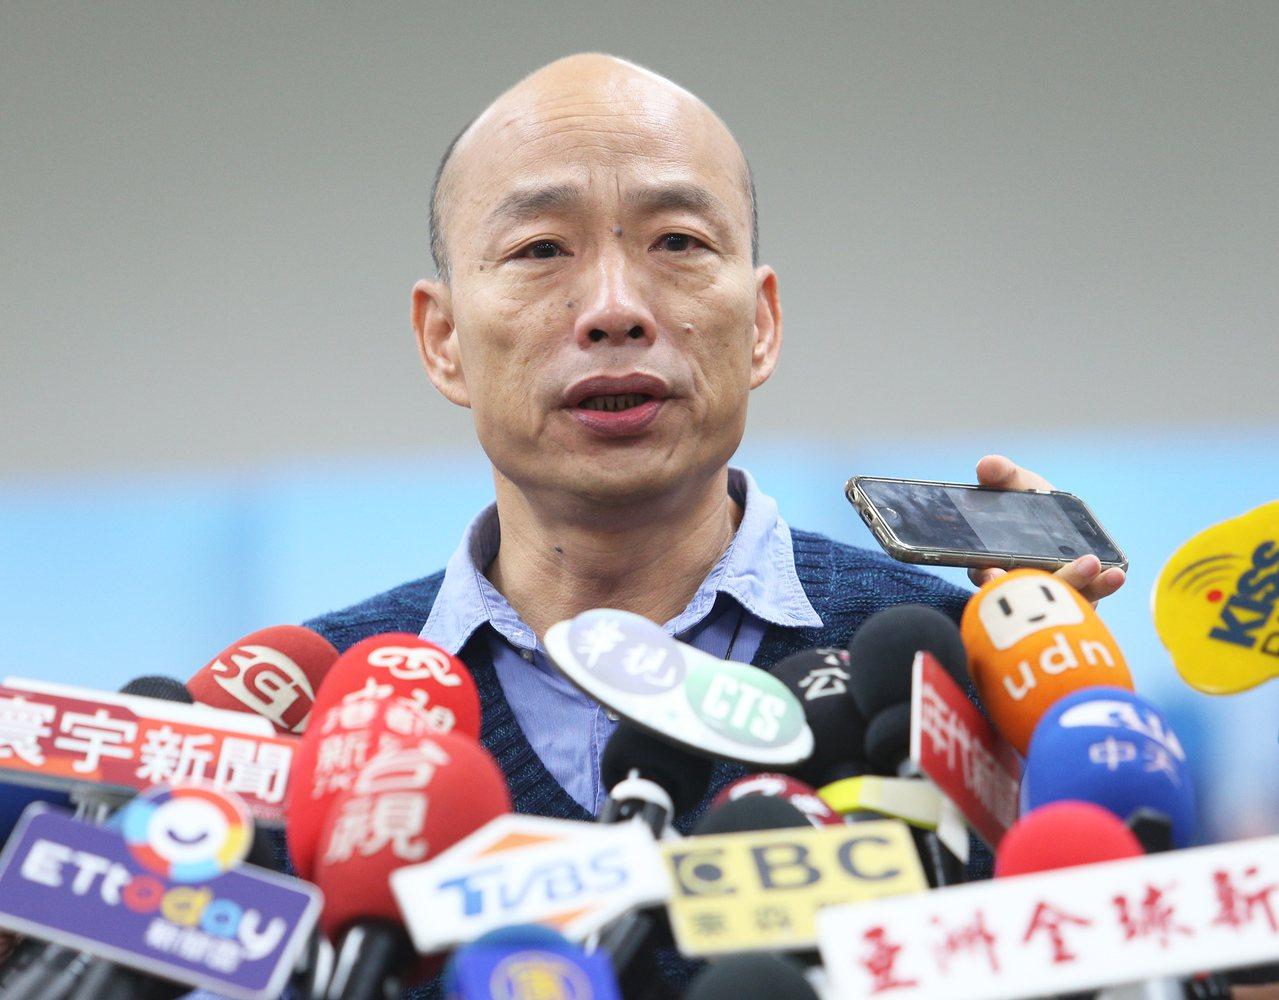 高雄市長韓國瑜表示,小內閣部分人事調整是勢在必行,但完全是就市政治理、團隊默契與...